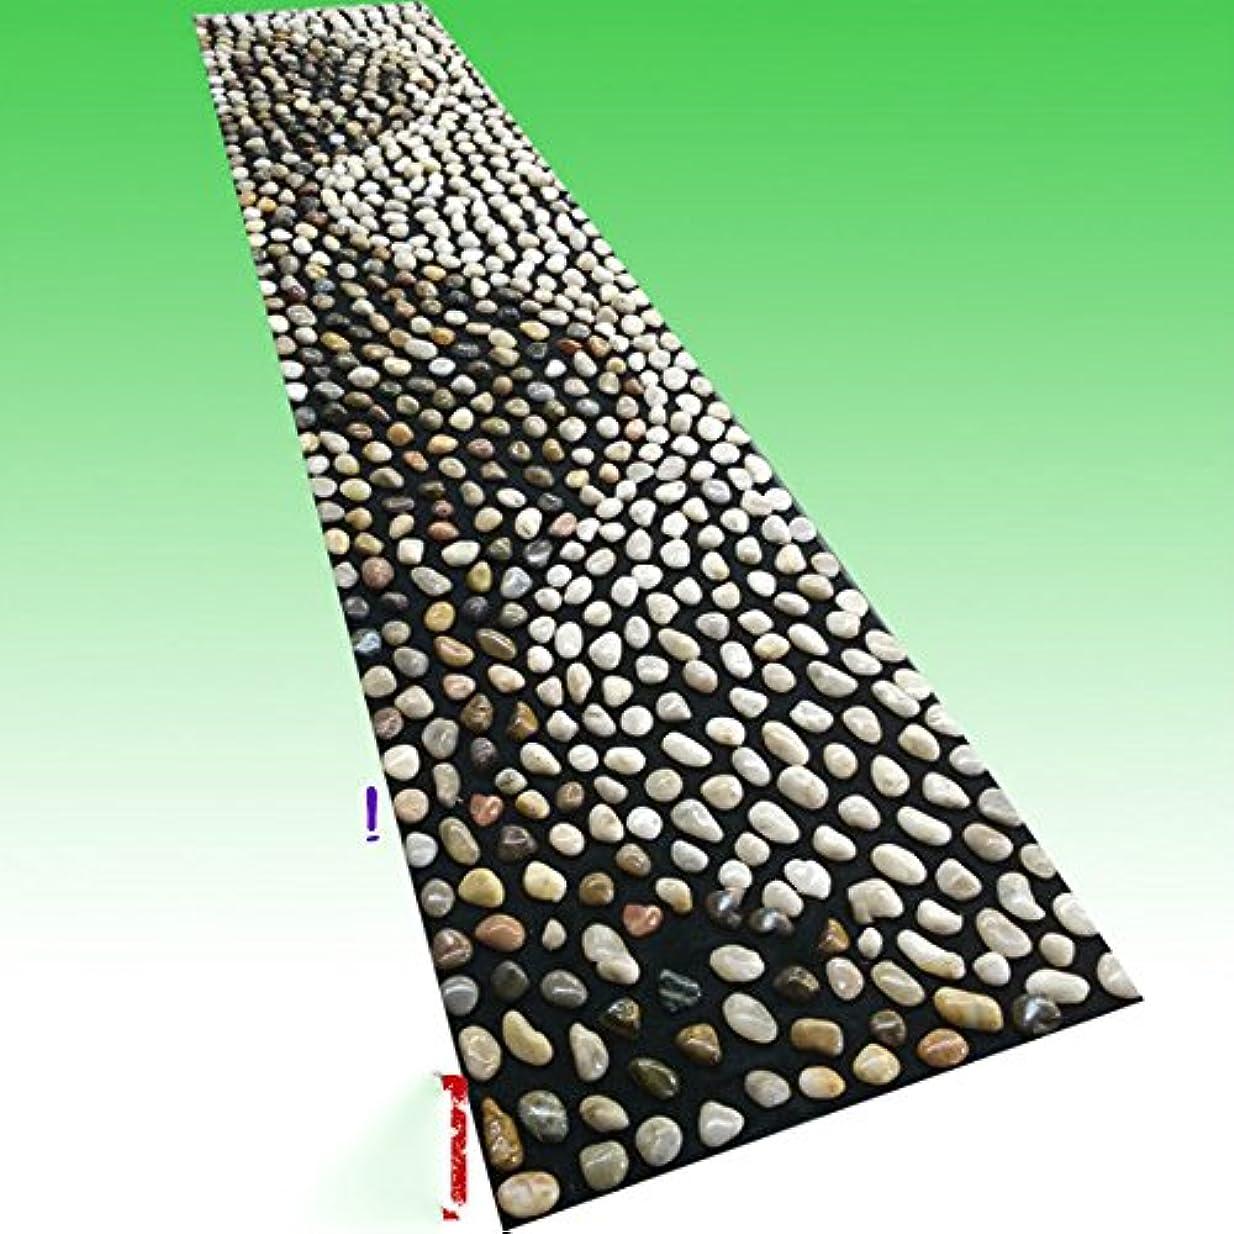 インゲンハブブ再発する足つぼ マット マッサージシート マッサージ 足裏 健康 ツボ刺激 折りたたみ ウォーキングマット 足裏マット 本物の健康 フットマッサージ 足のマッサージパッド 模造石畳の歩道